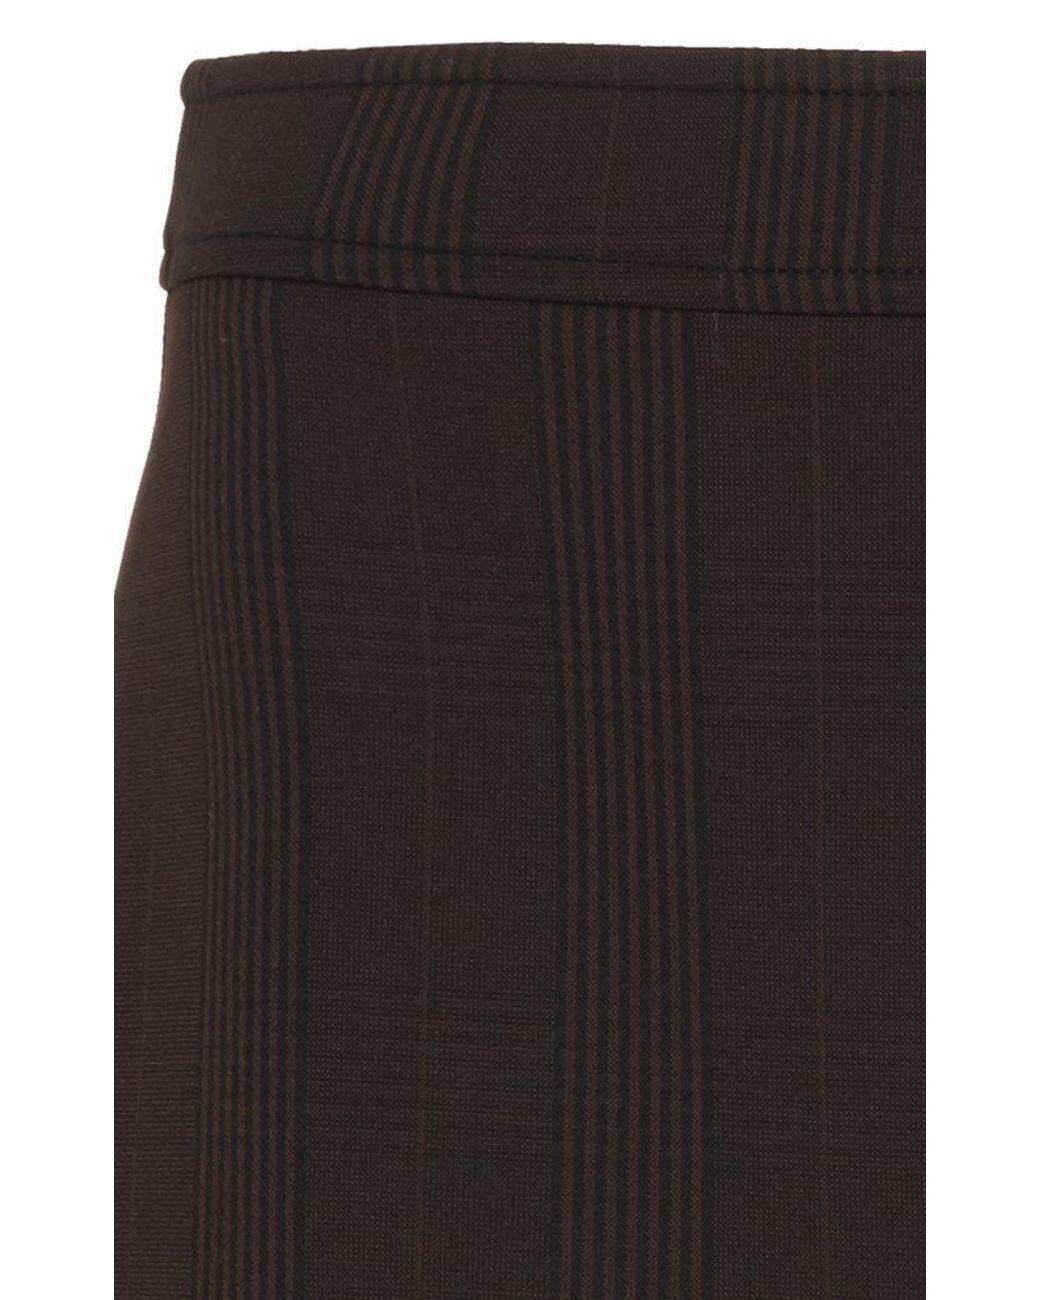 695e5ce0c Ganni Plaid Stretch-crepe Mini Skirt in Brown - Lyst